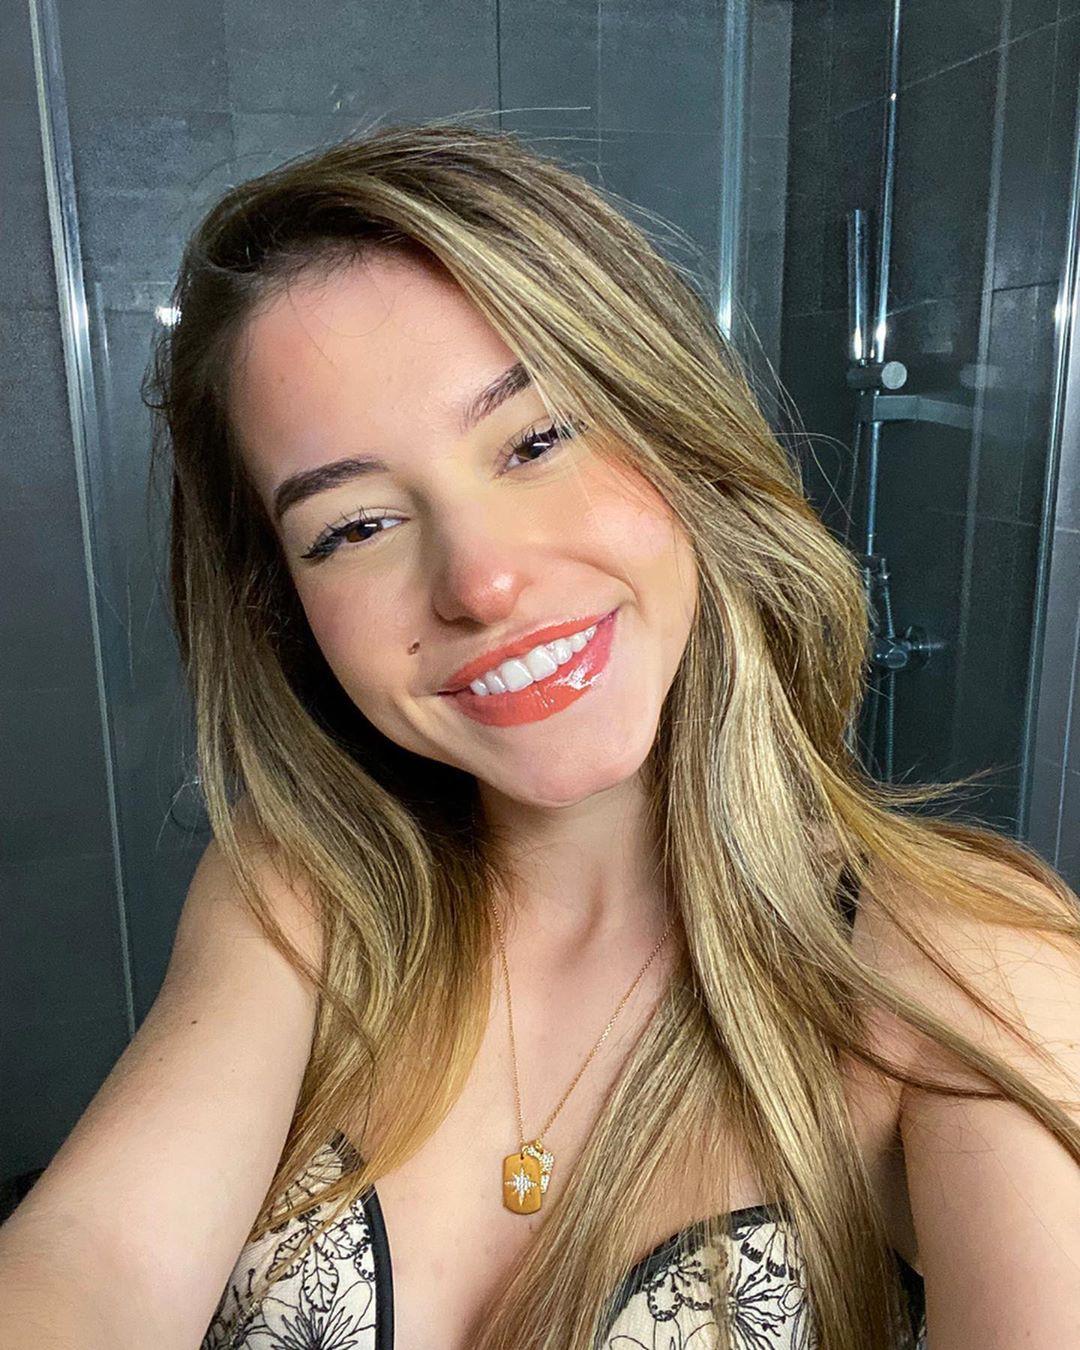 Lea Elui blond hairstyle, Face Makeup, Lip Makeup